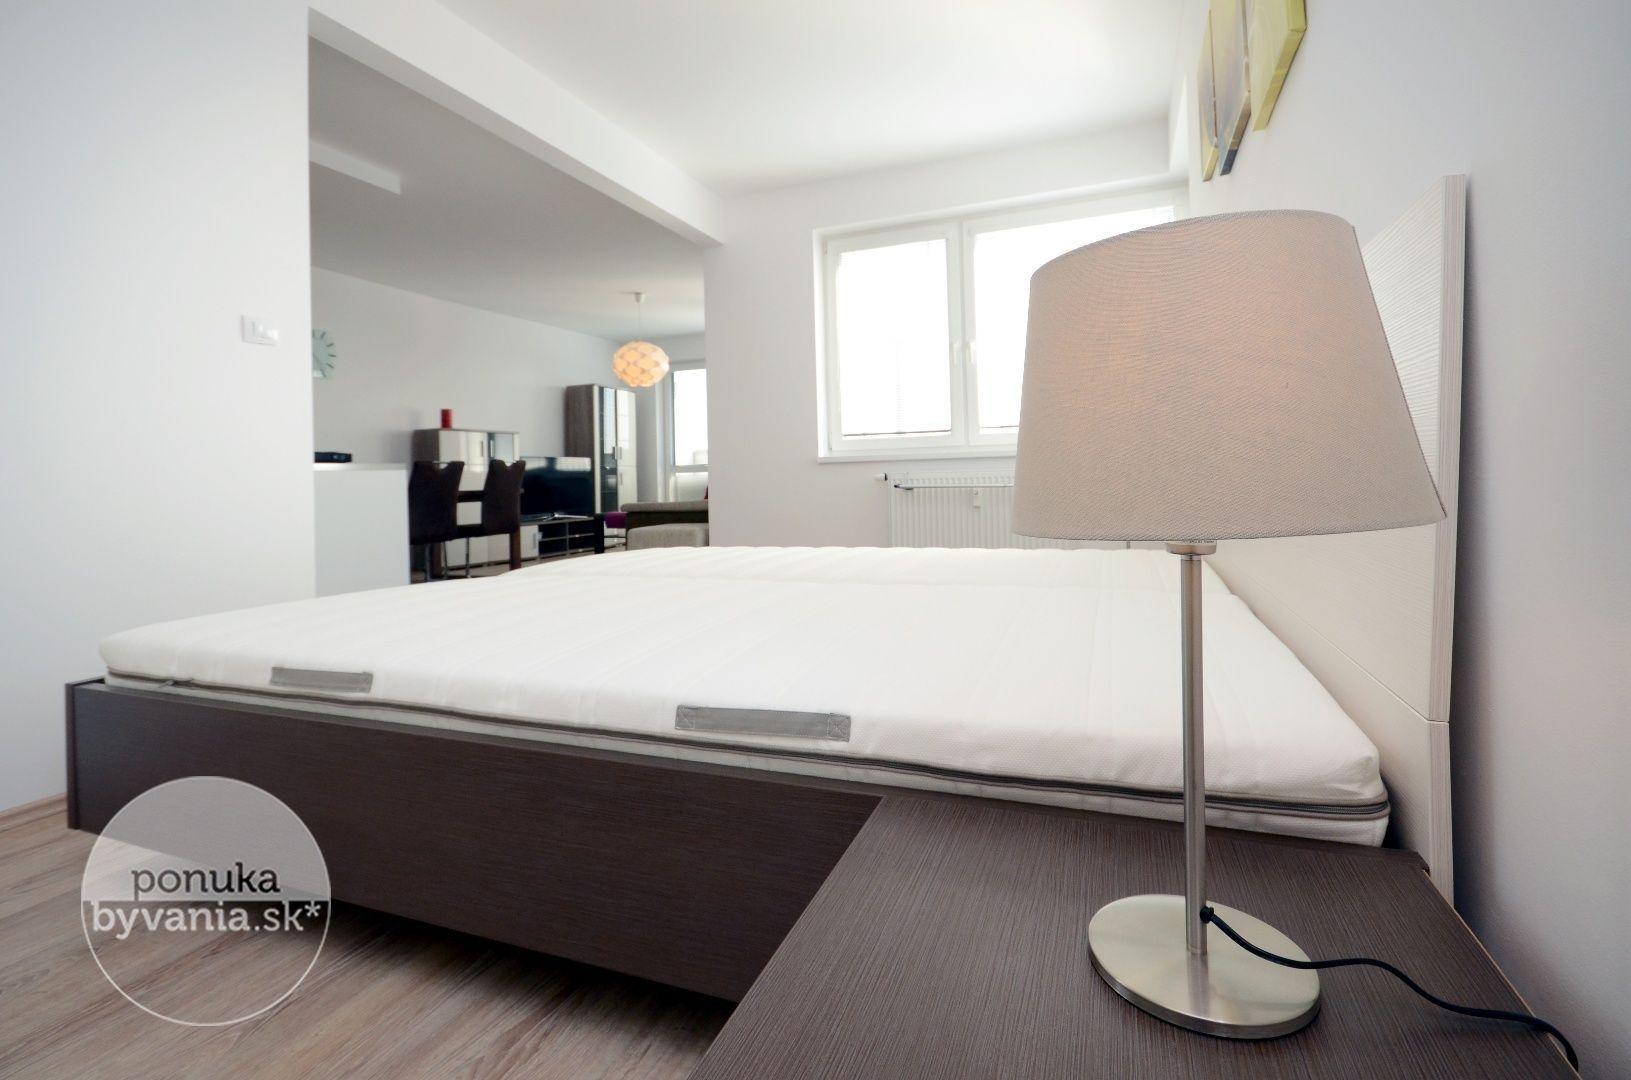 ponukabyvania.sk_Jégého_2-izbový-byt_KOVÁČ